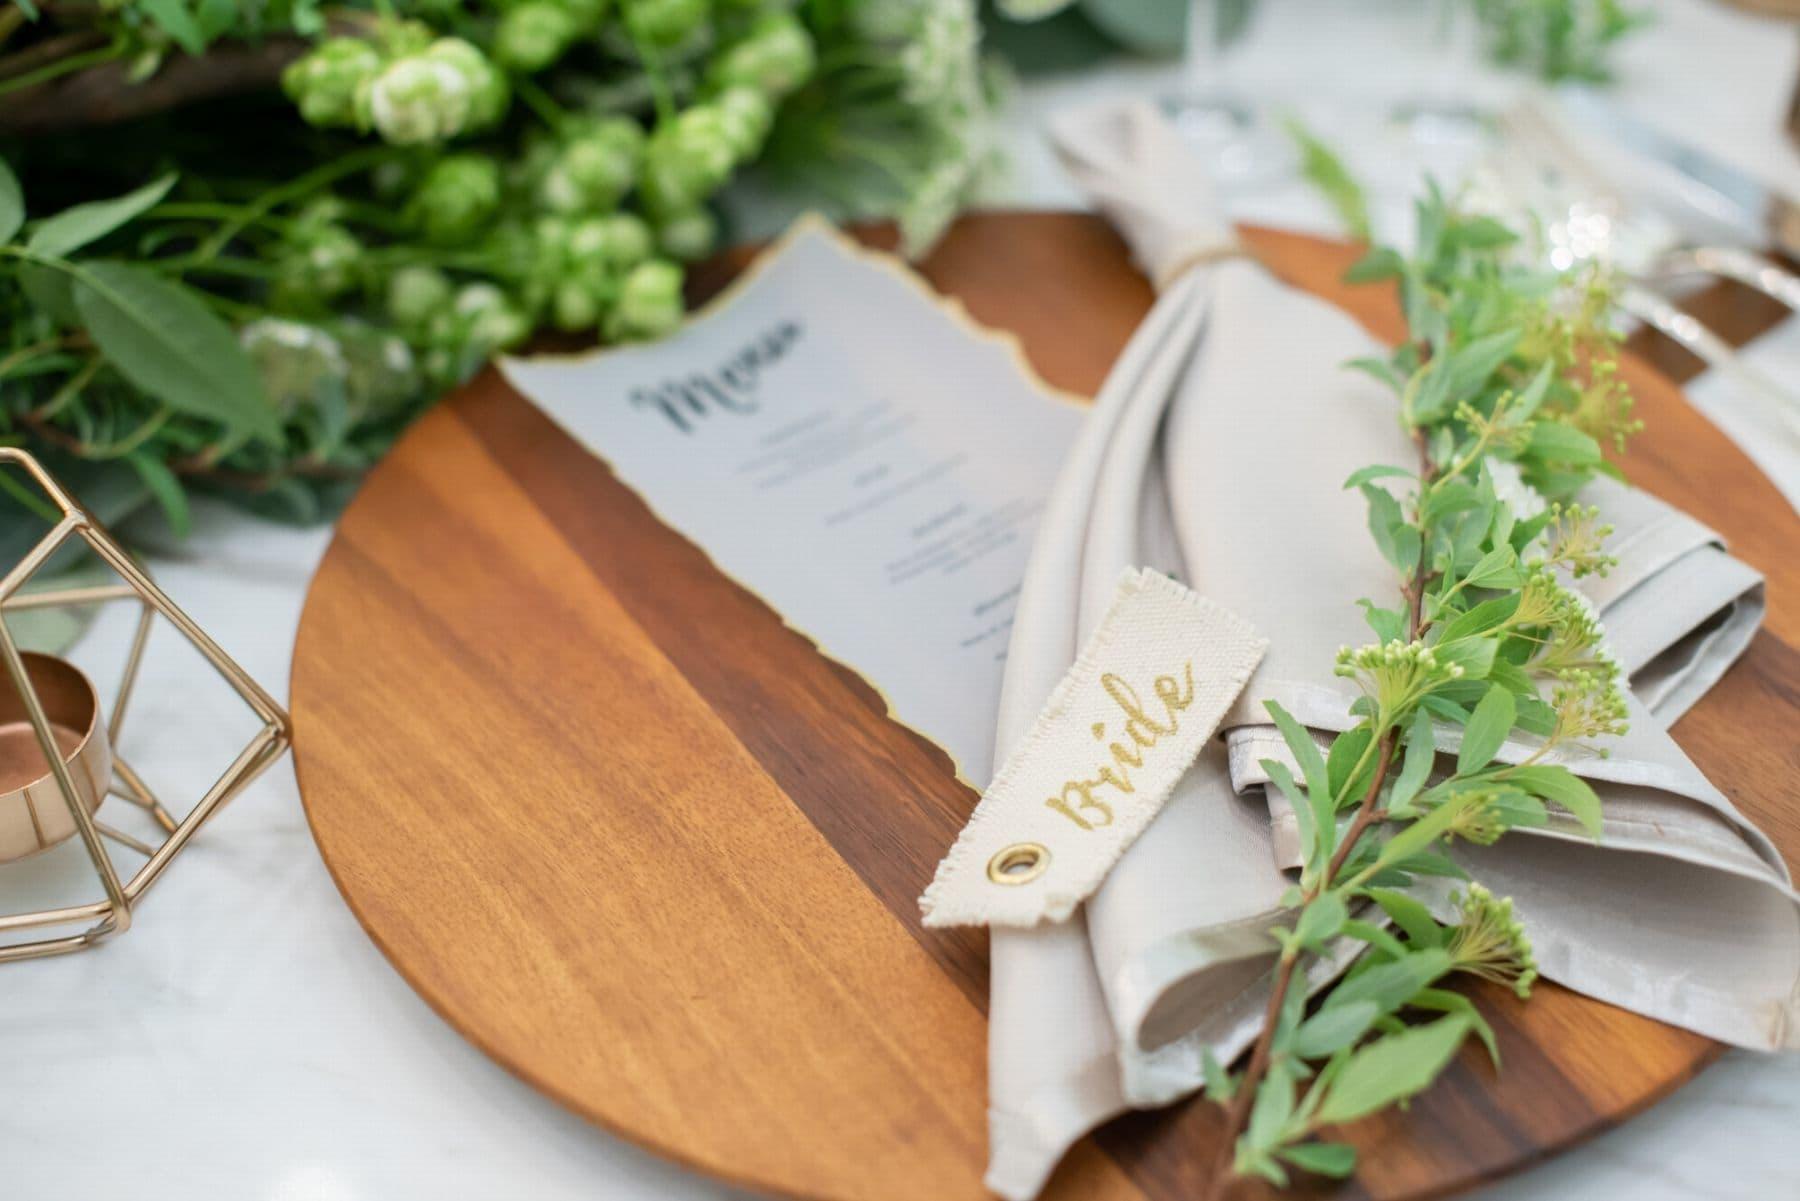 香川県の結婚式場シェルエメール&アイスタイルの手作り席札コーディネート